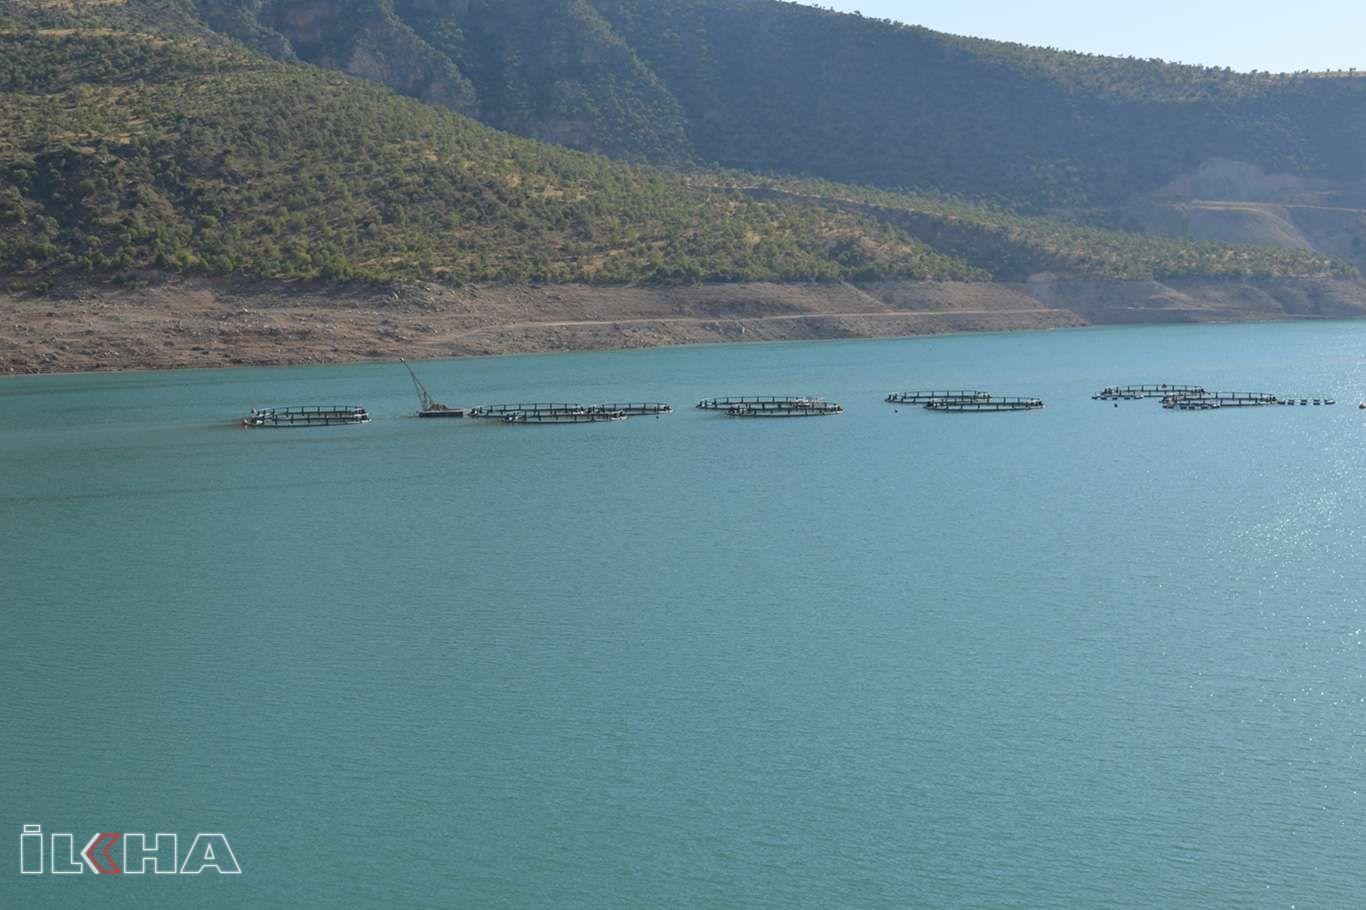 Siirtte balıkçılığın geliştirilmesi için saha çalışması yapılıyor